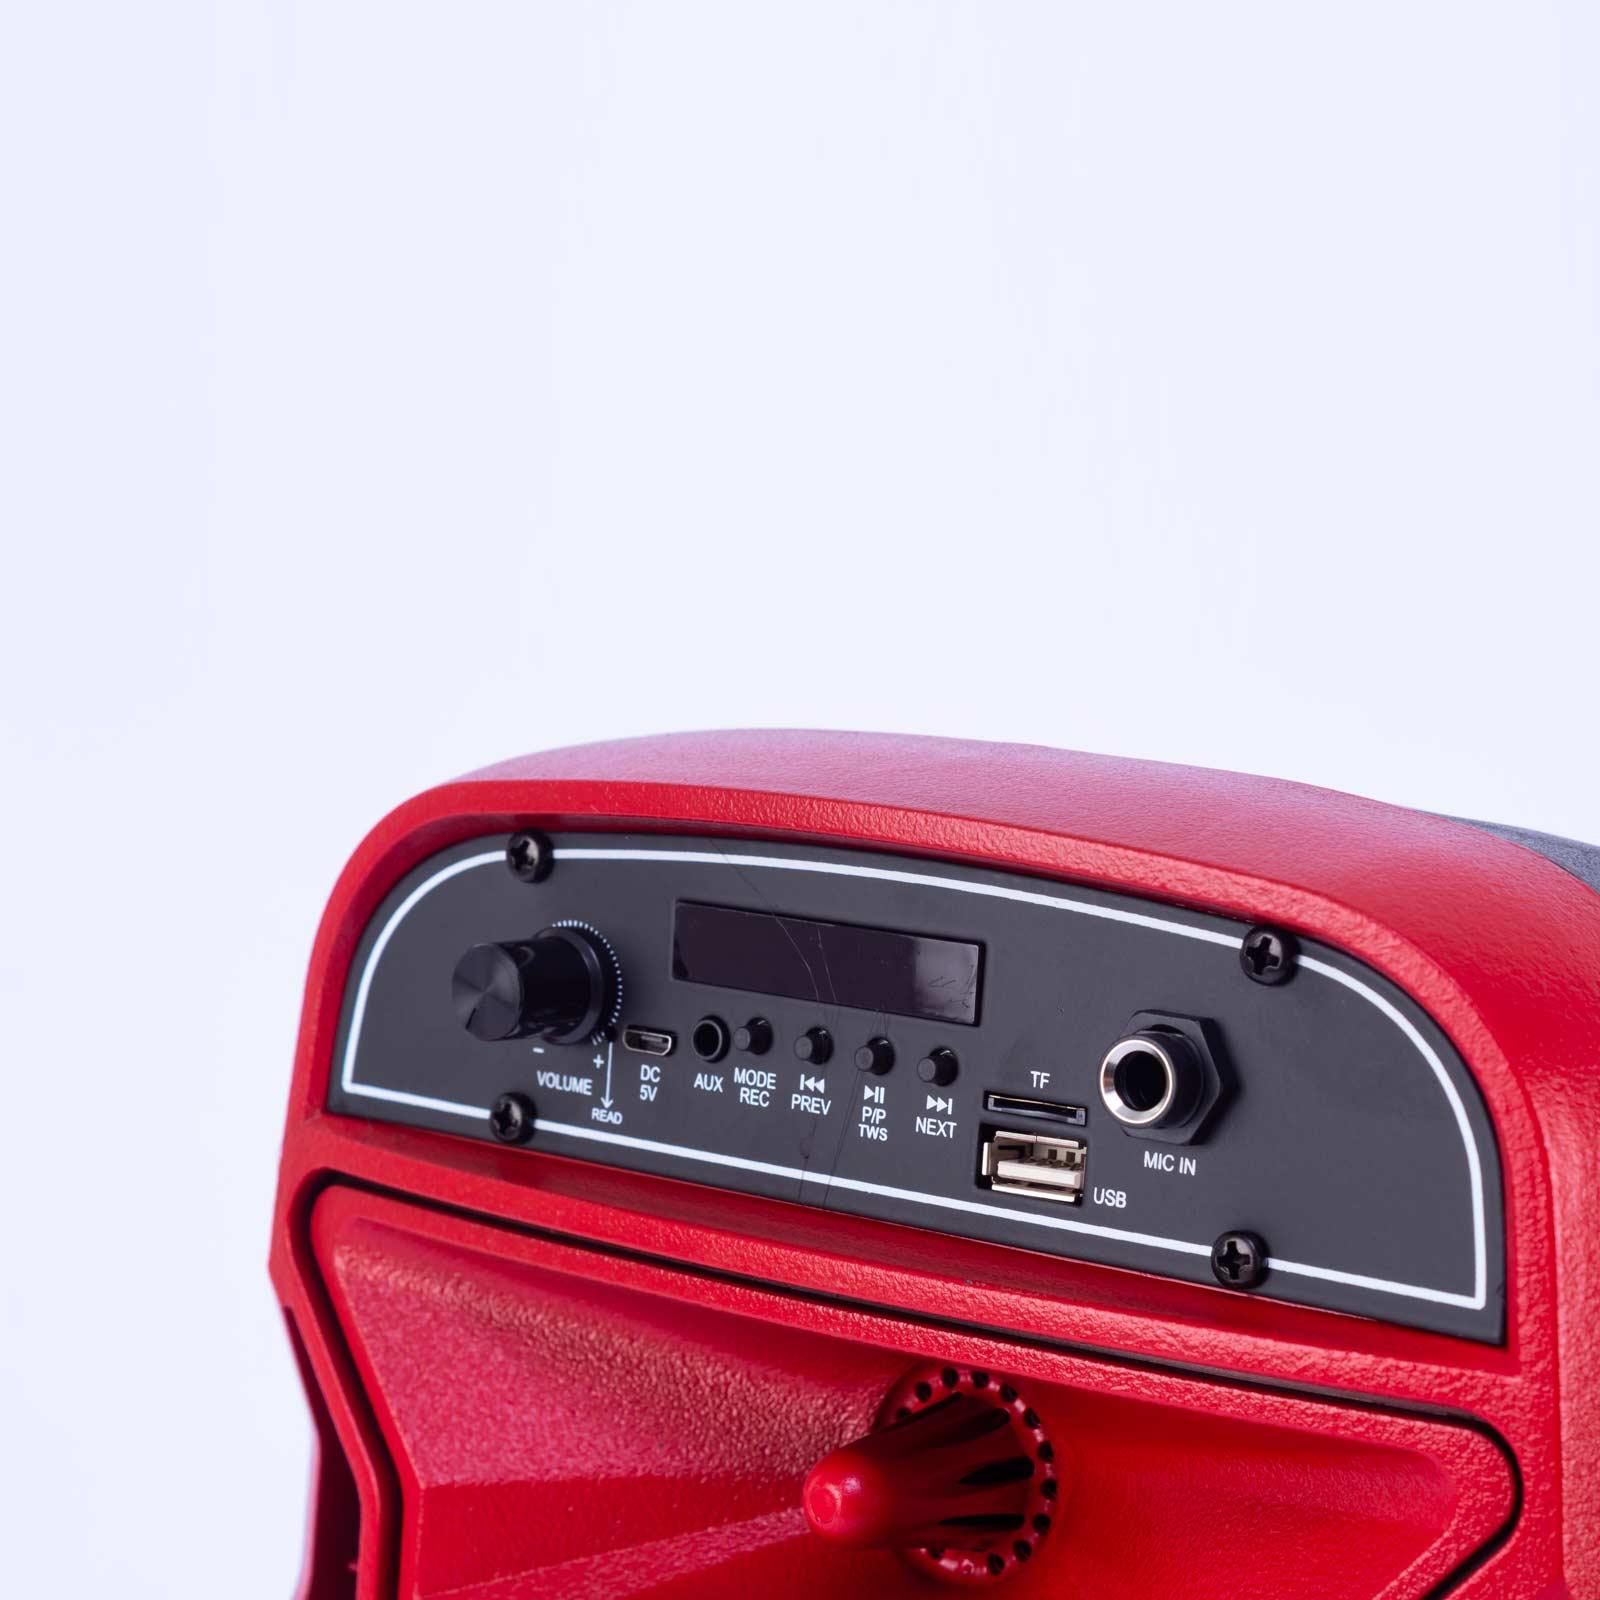 parlante goldenvoice de 10 w gv-0603, rojo y negro